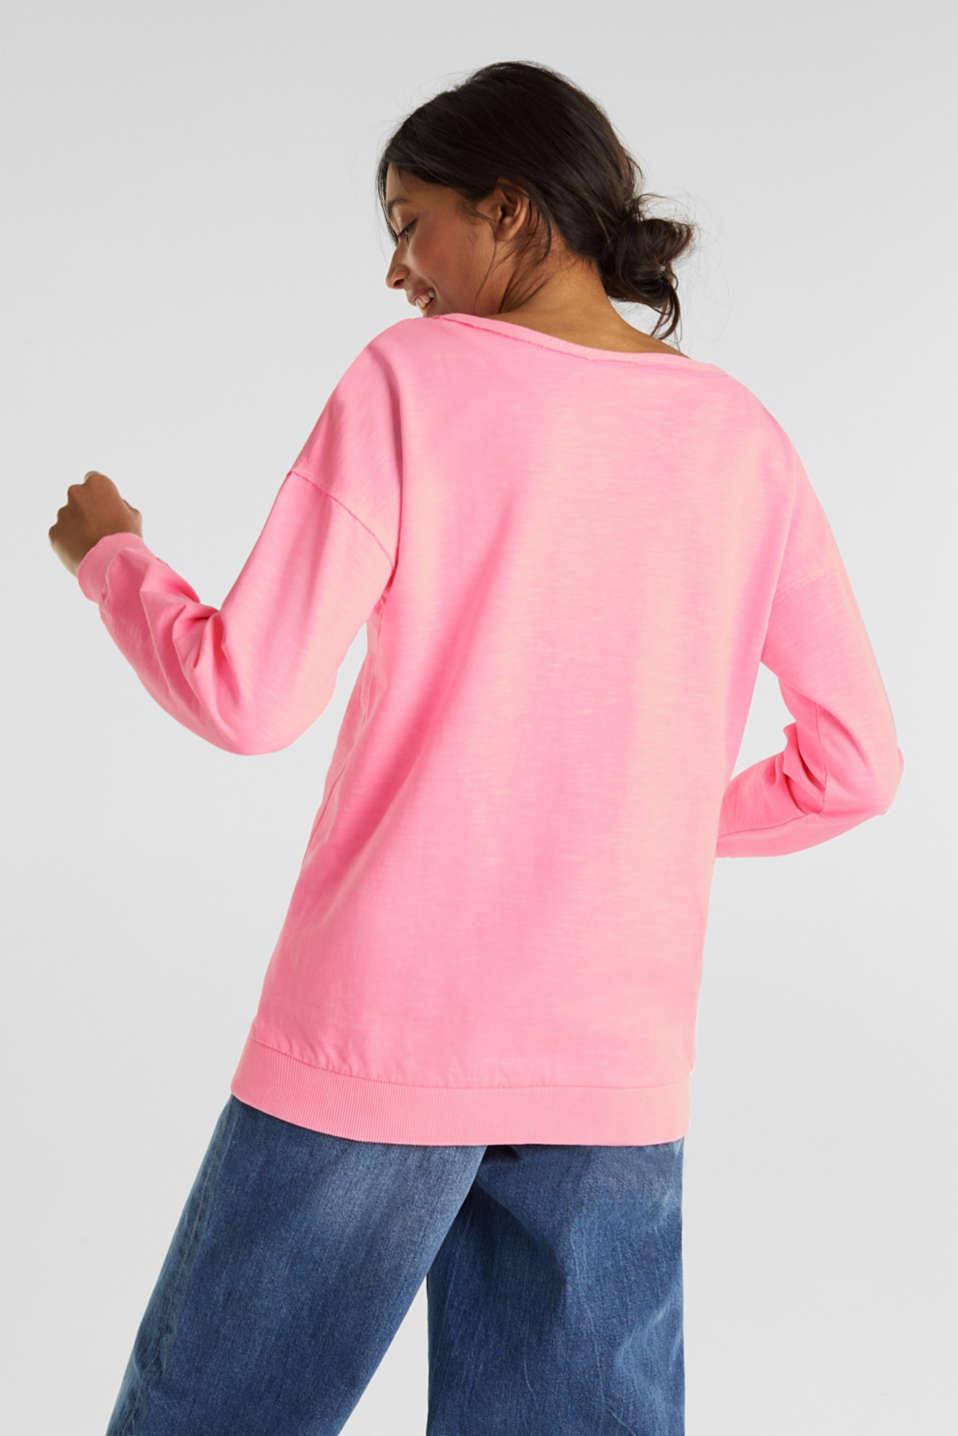 Vintage sweatshirt, PINK, detail image number 3